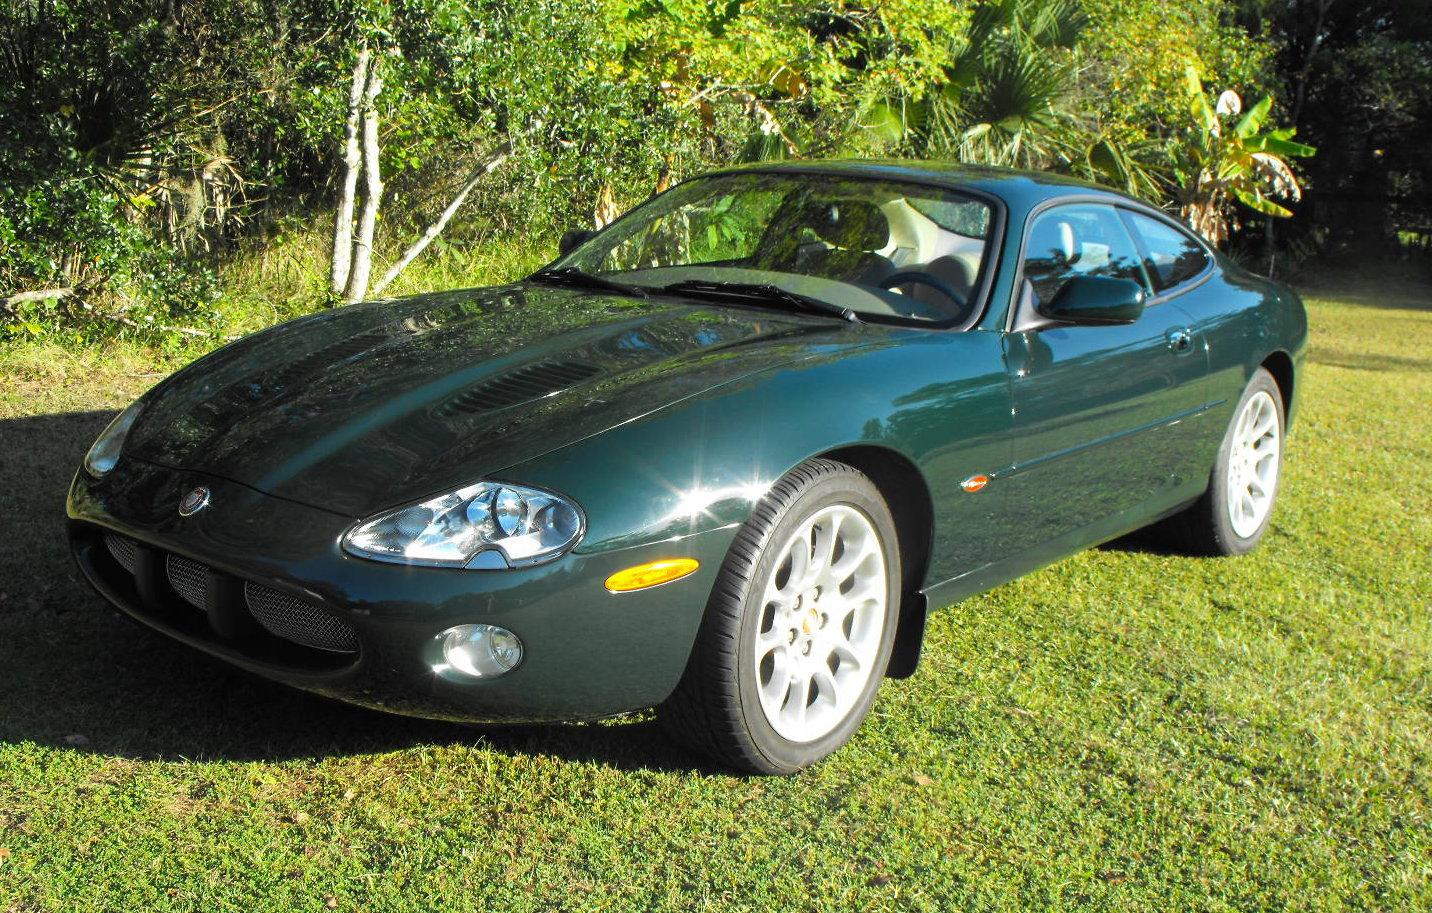 2001 Jaguar XKR Coupe BRG / Tan - Jaguar Forums - Jaguar ...